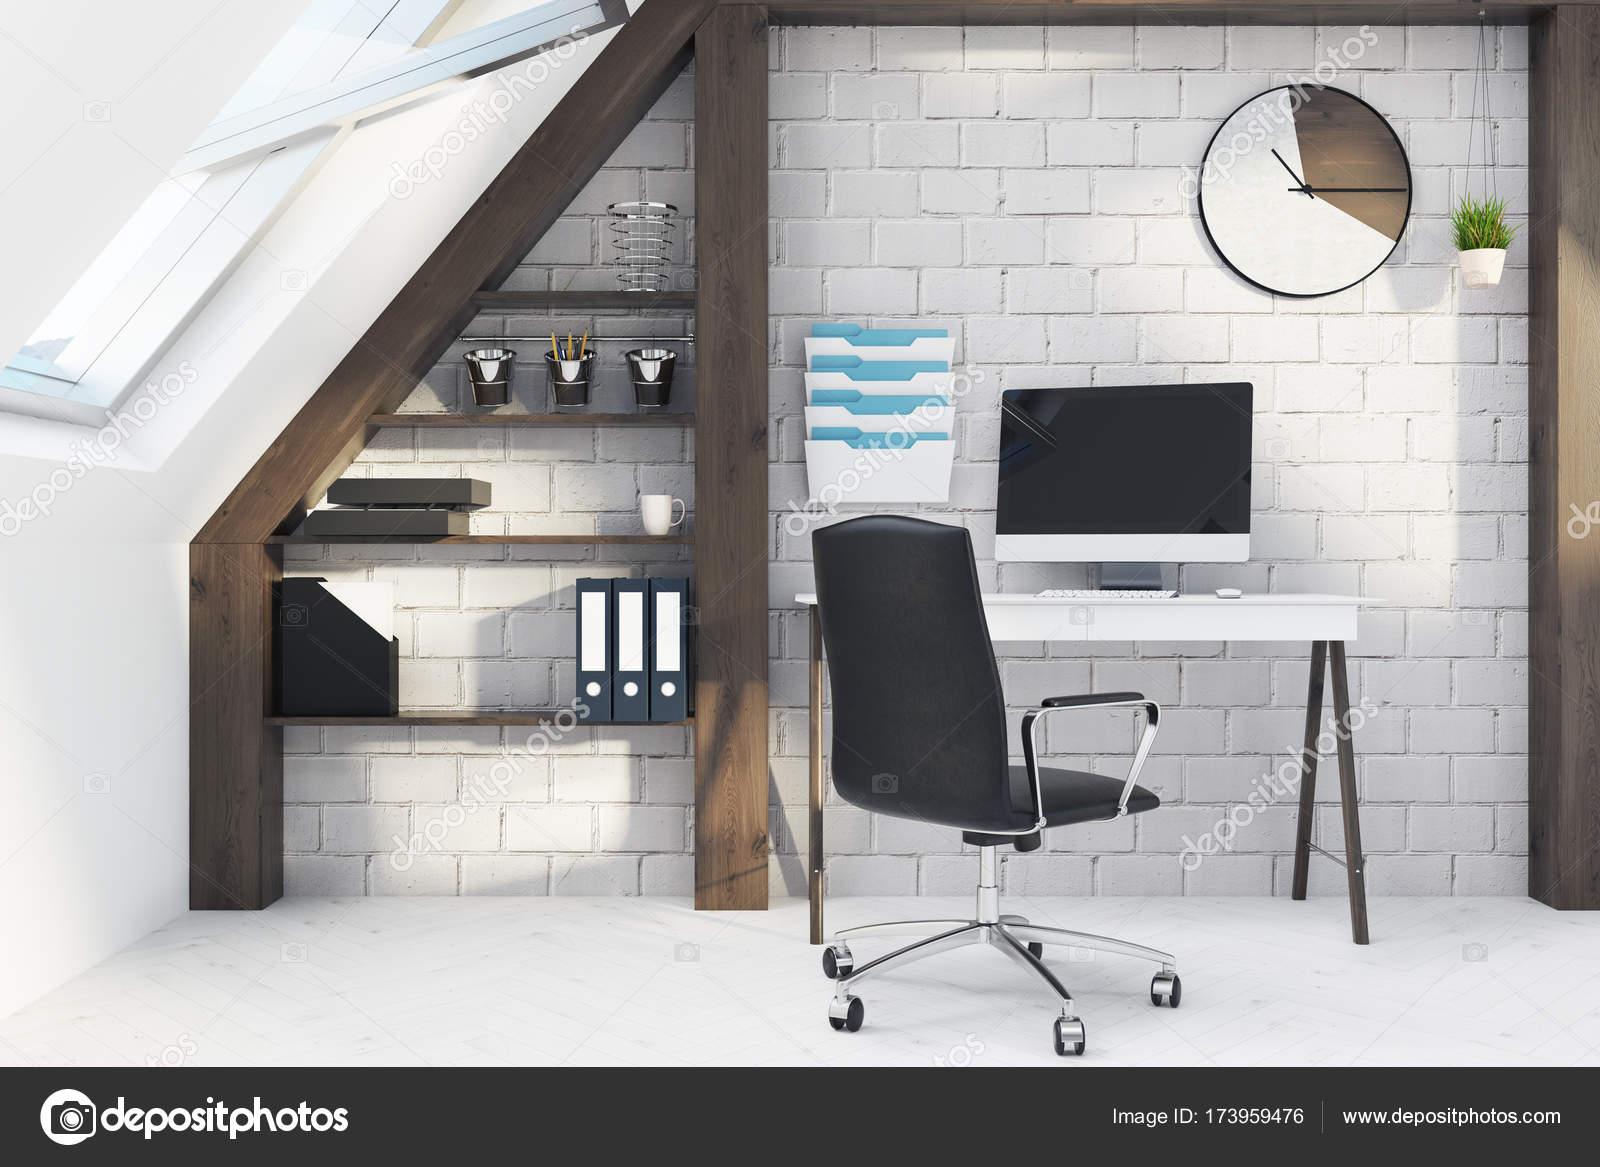 Ufficio Bianco E Legno : Chiuda l interno bianco e legno casa ufficio u foto stock